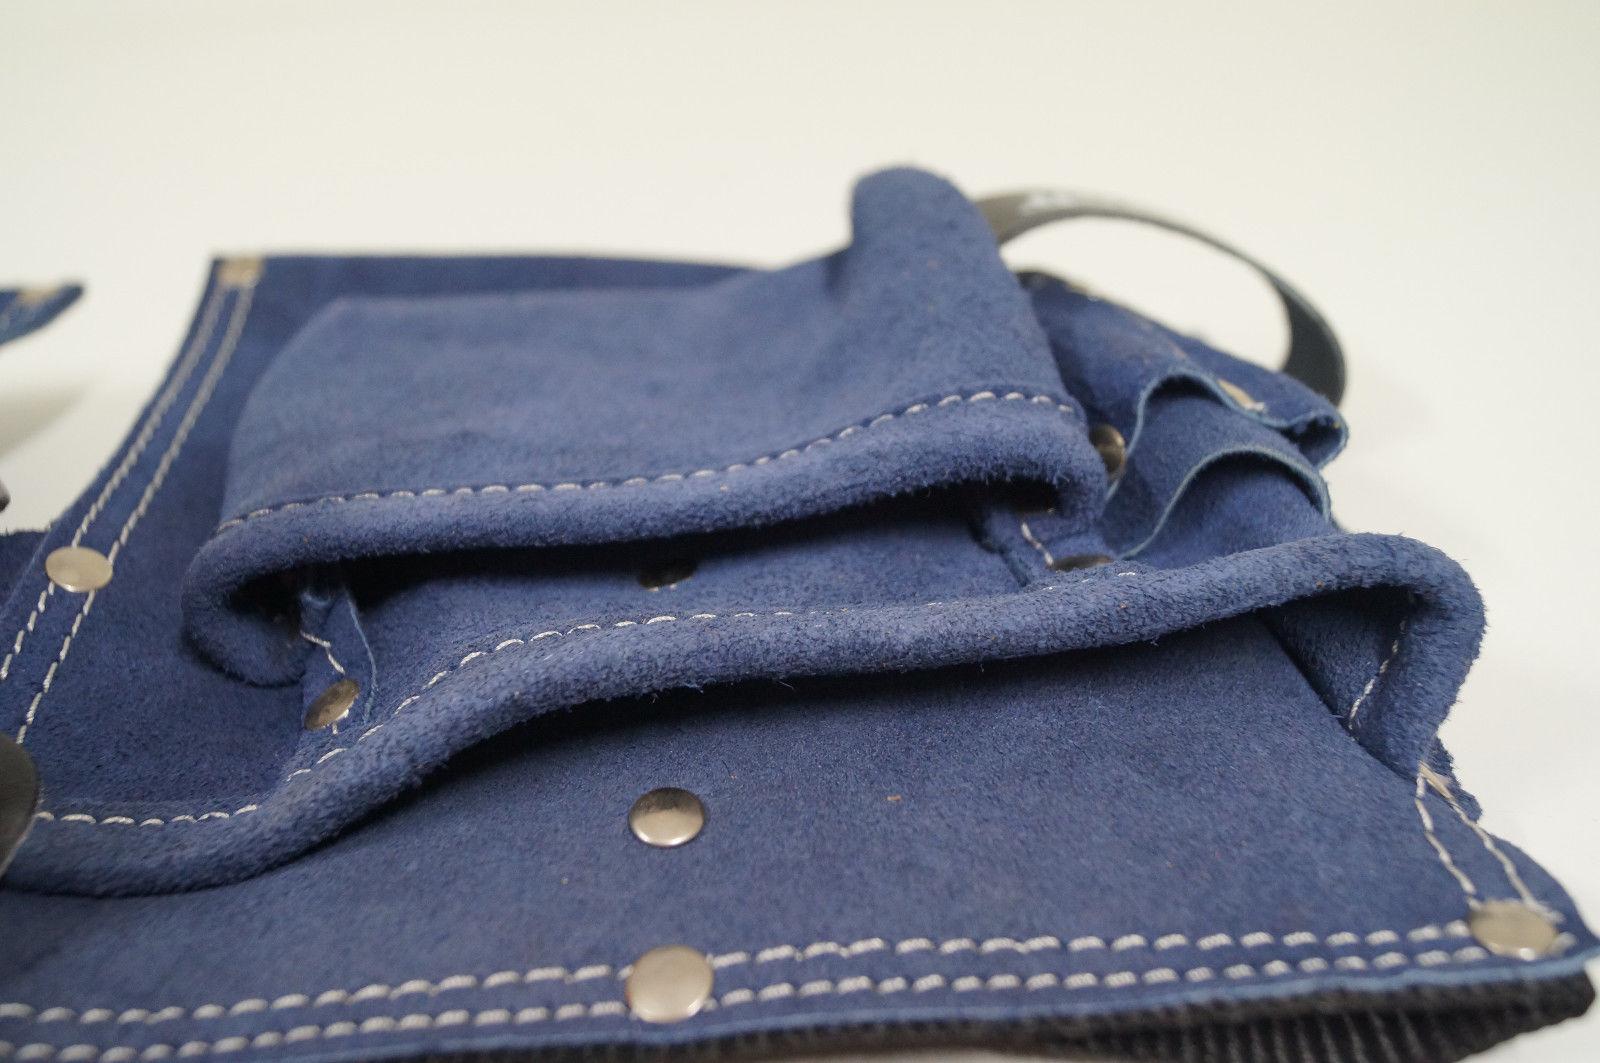 Werkzeugtasche Werkzeuggürtel Ledergürtel Ledergurt 9 Taschen blau Kunstleder